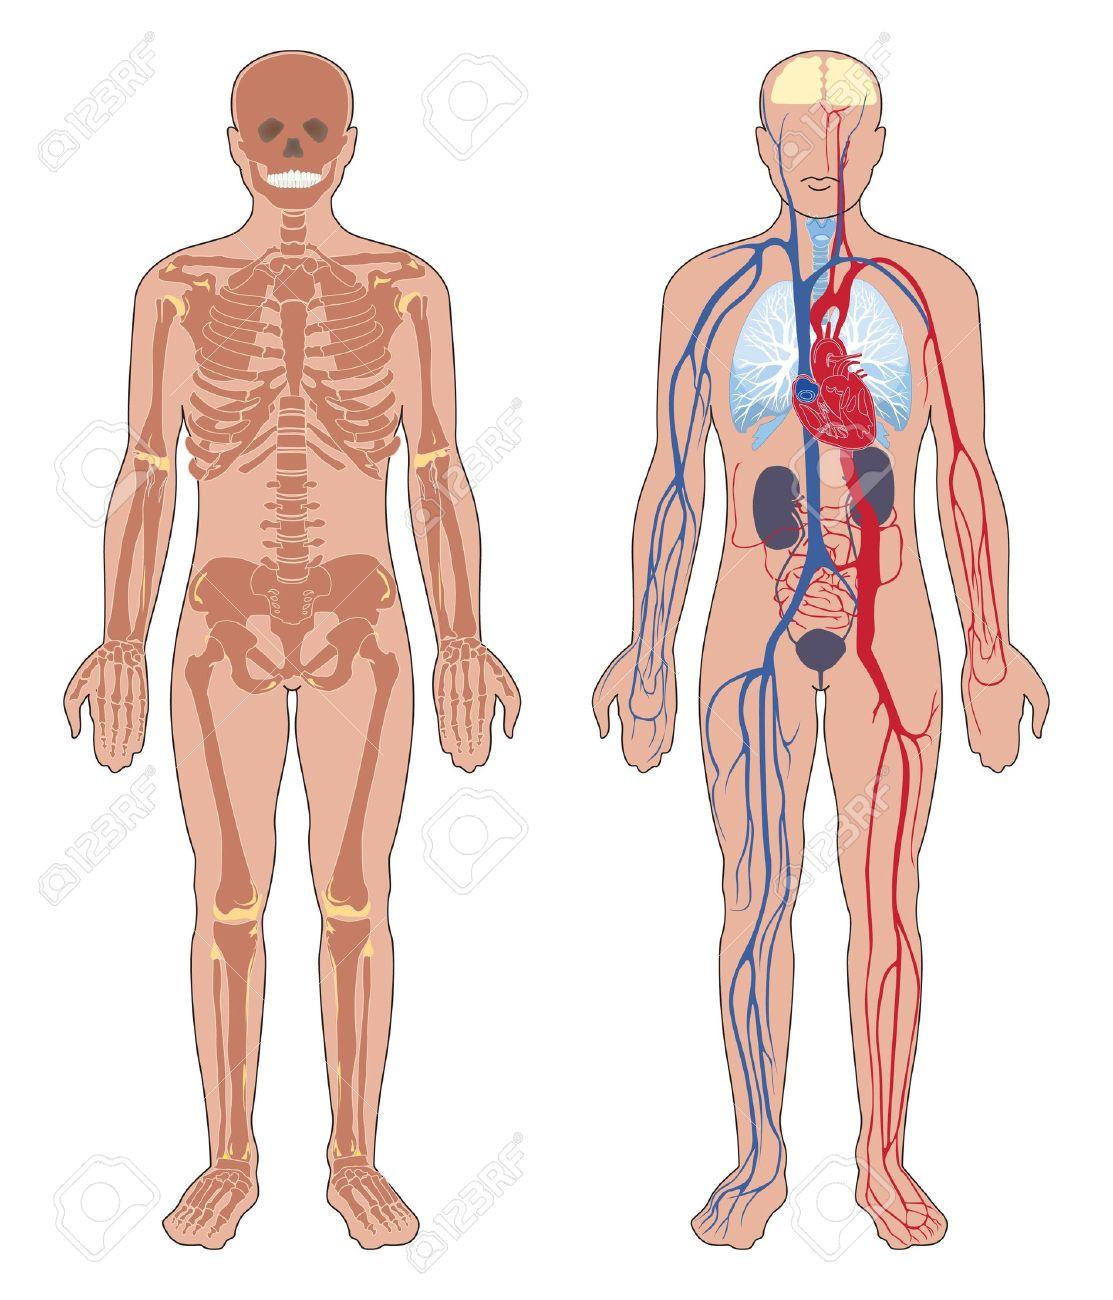 Anatomía Humana Set De Ilustración Vectorial Aislados En Fondo Blanco Humanos Estructura Del Esqueleto Del Cuerpo Y El Sistema Vascular Circulatorio